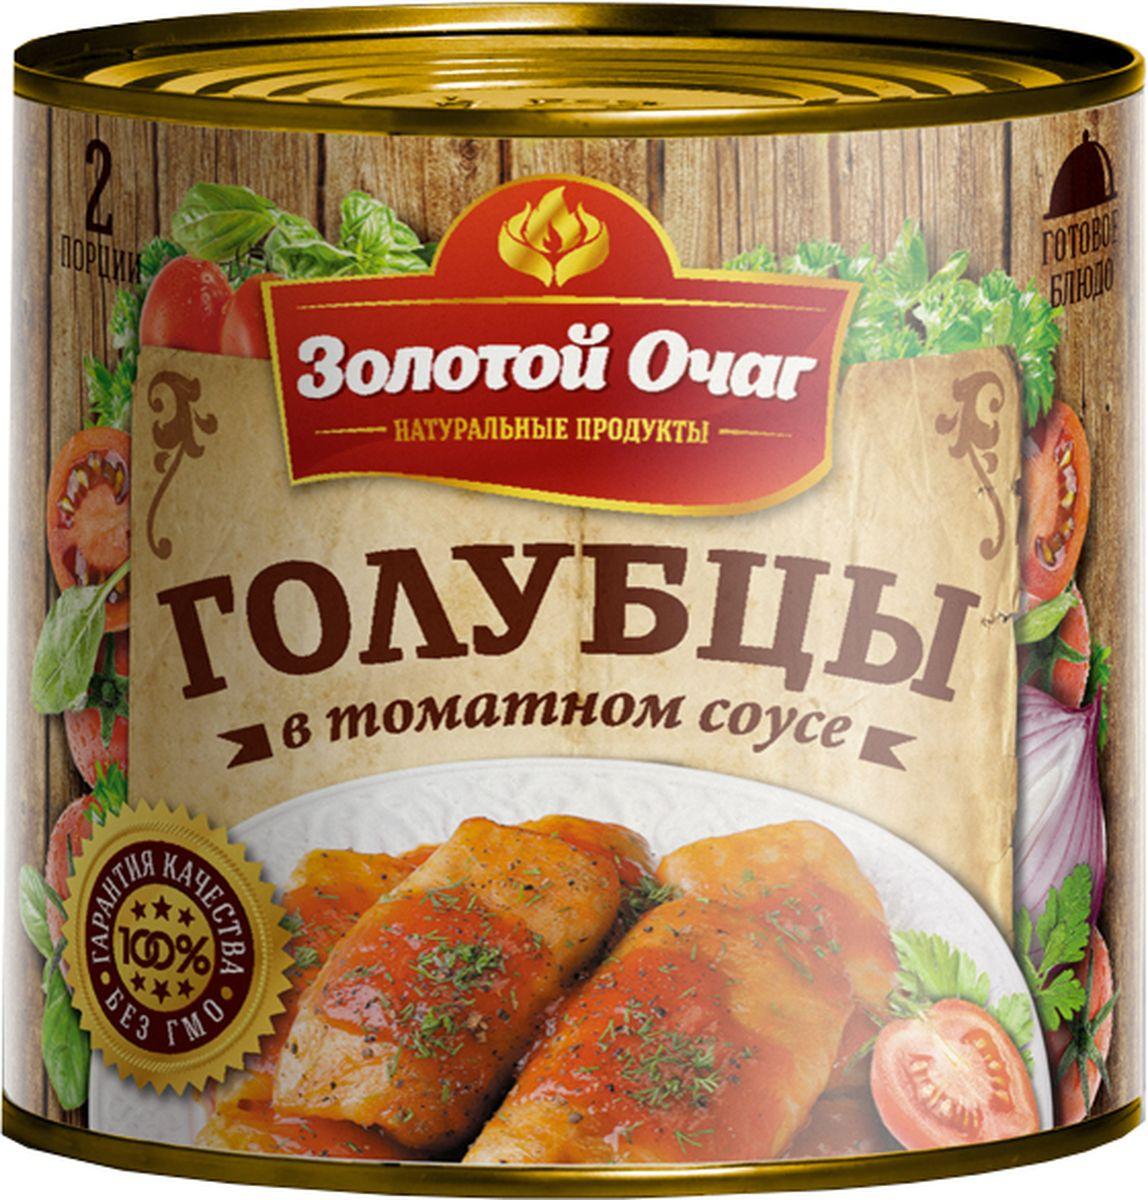 Золотой Очаг голубцы фаршированные c мясом и рисом, 540 г